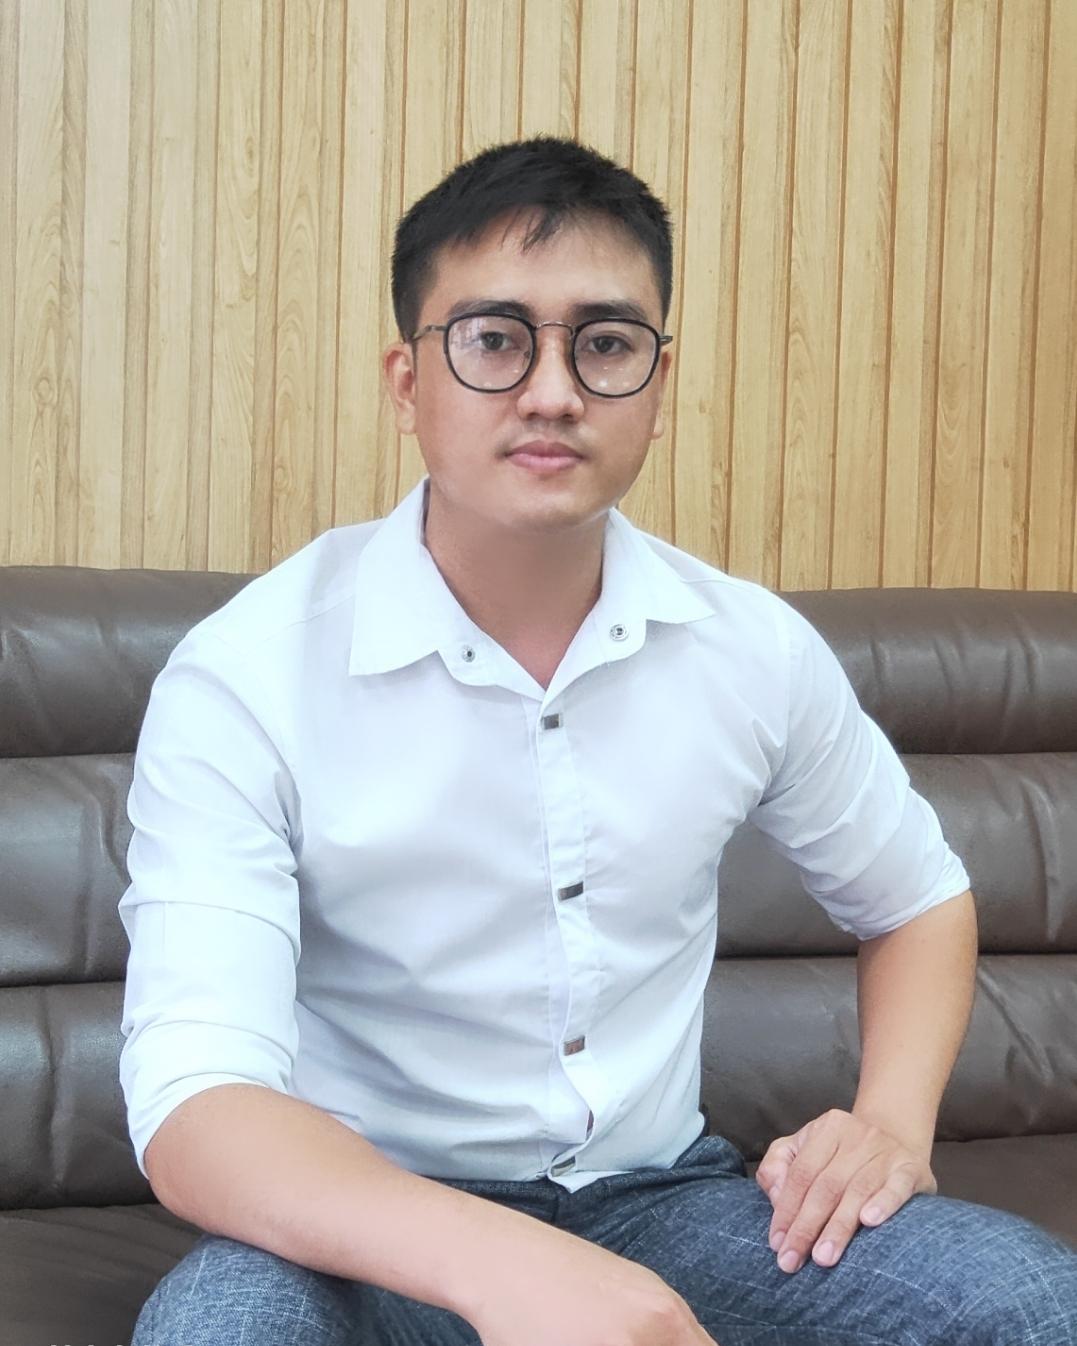 Pham Huu Dung